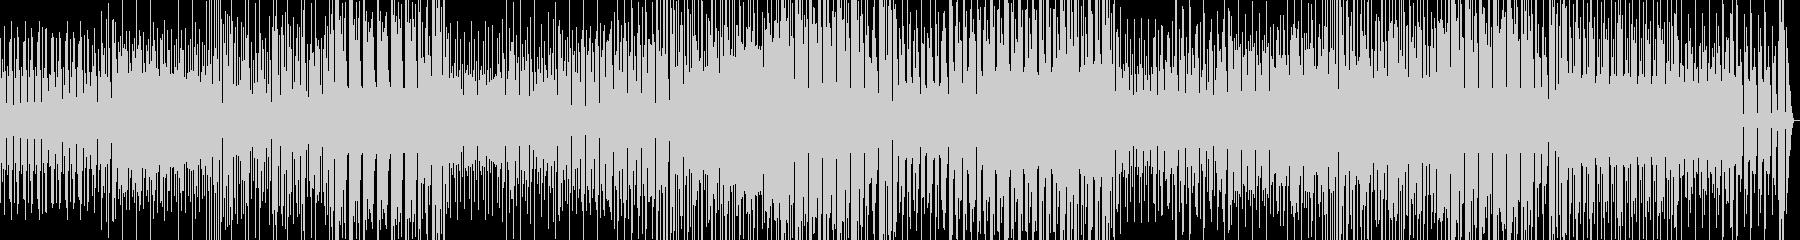 軽快なギターのポップロックの未再生の波形